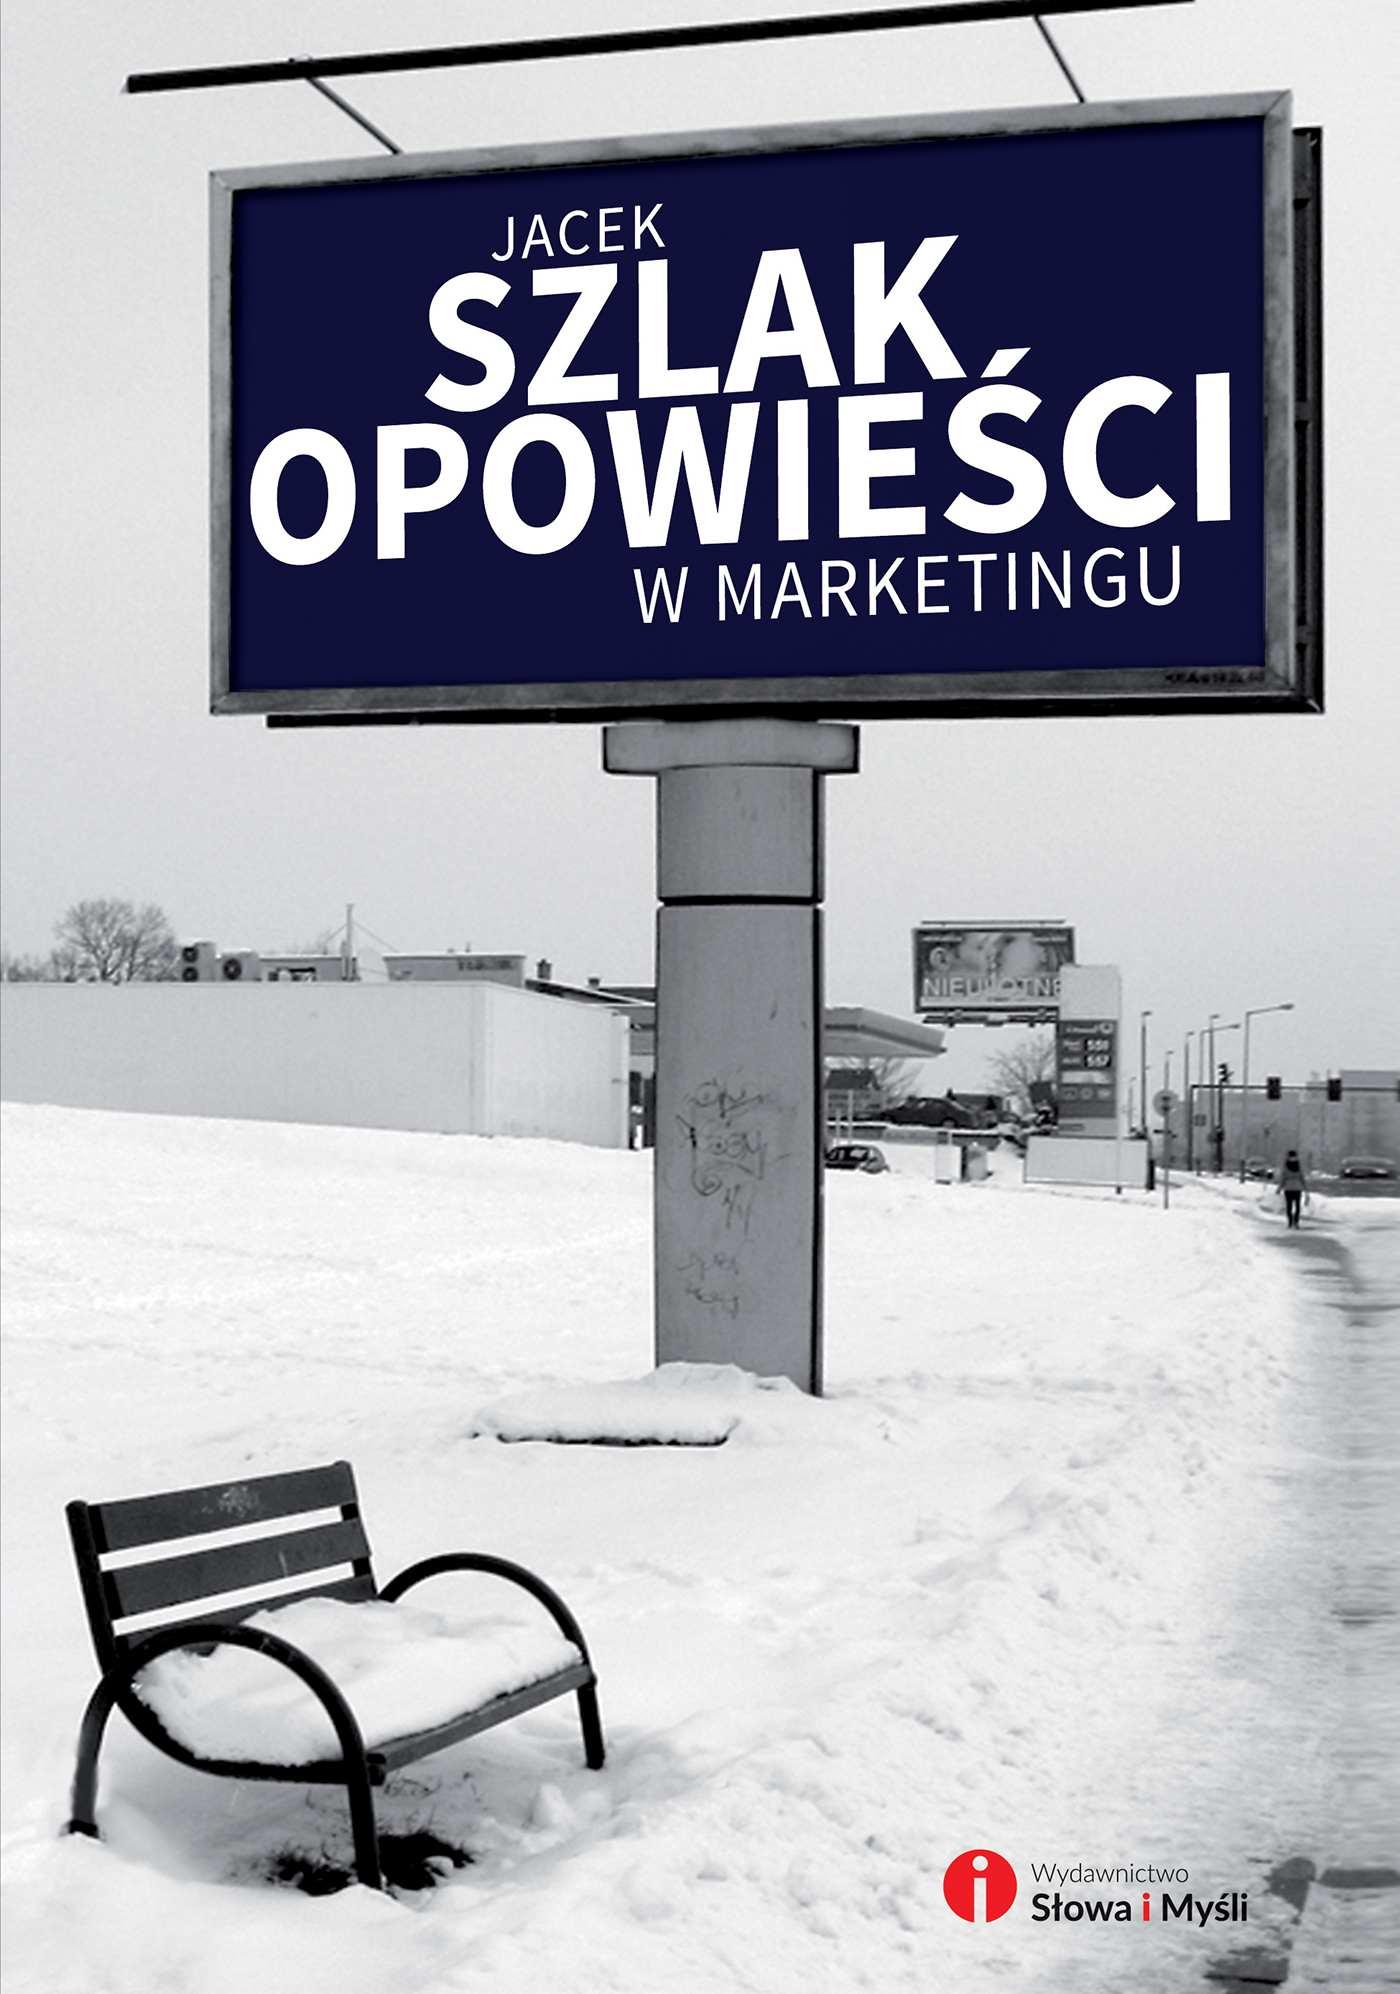 Opowieści w marketingu - Ebook (Książka na Kindle) do pobrania w formacie MOBI